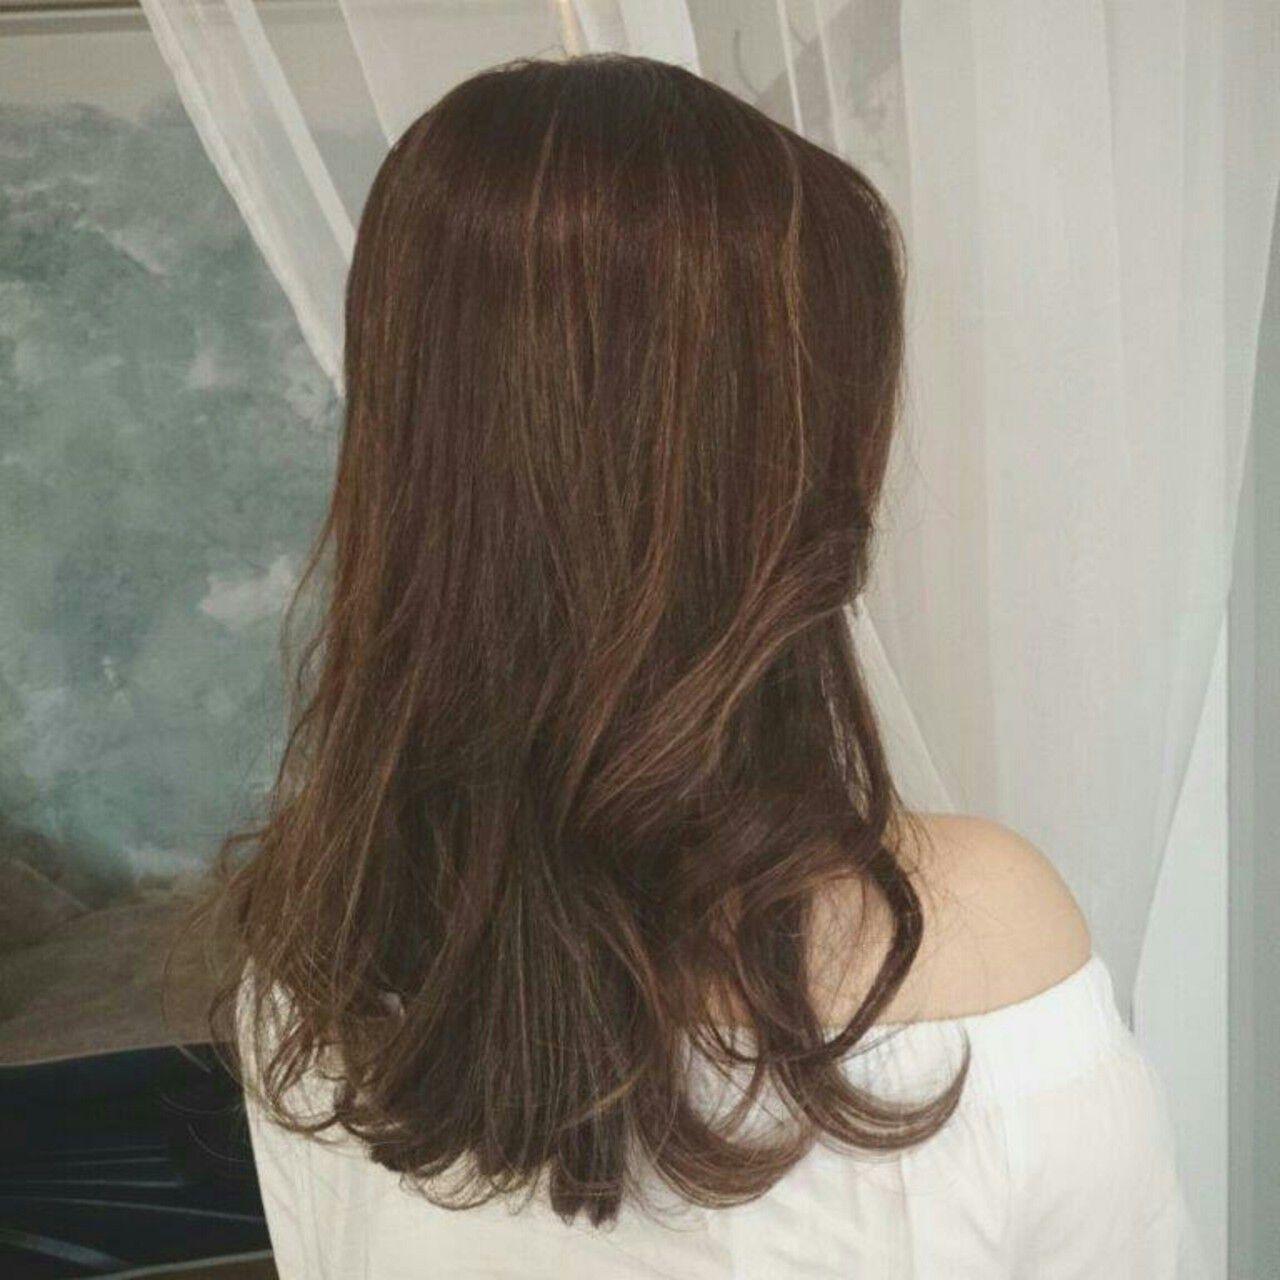 ウェーブ ヘアアレンジ ロング エレガントヘアスタイルや髪型の写真・画像